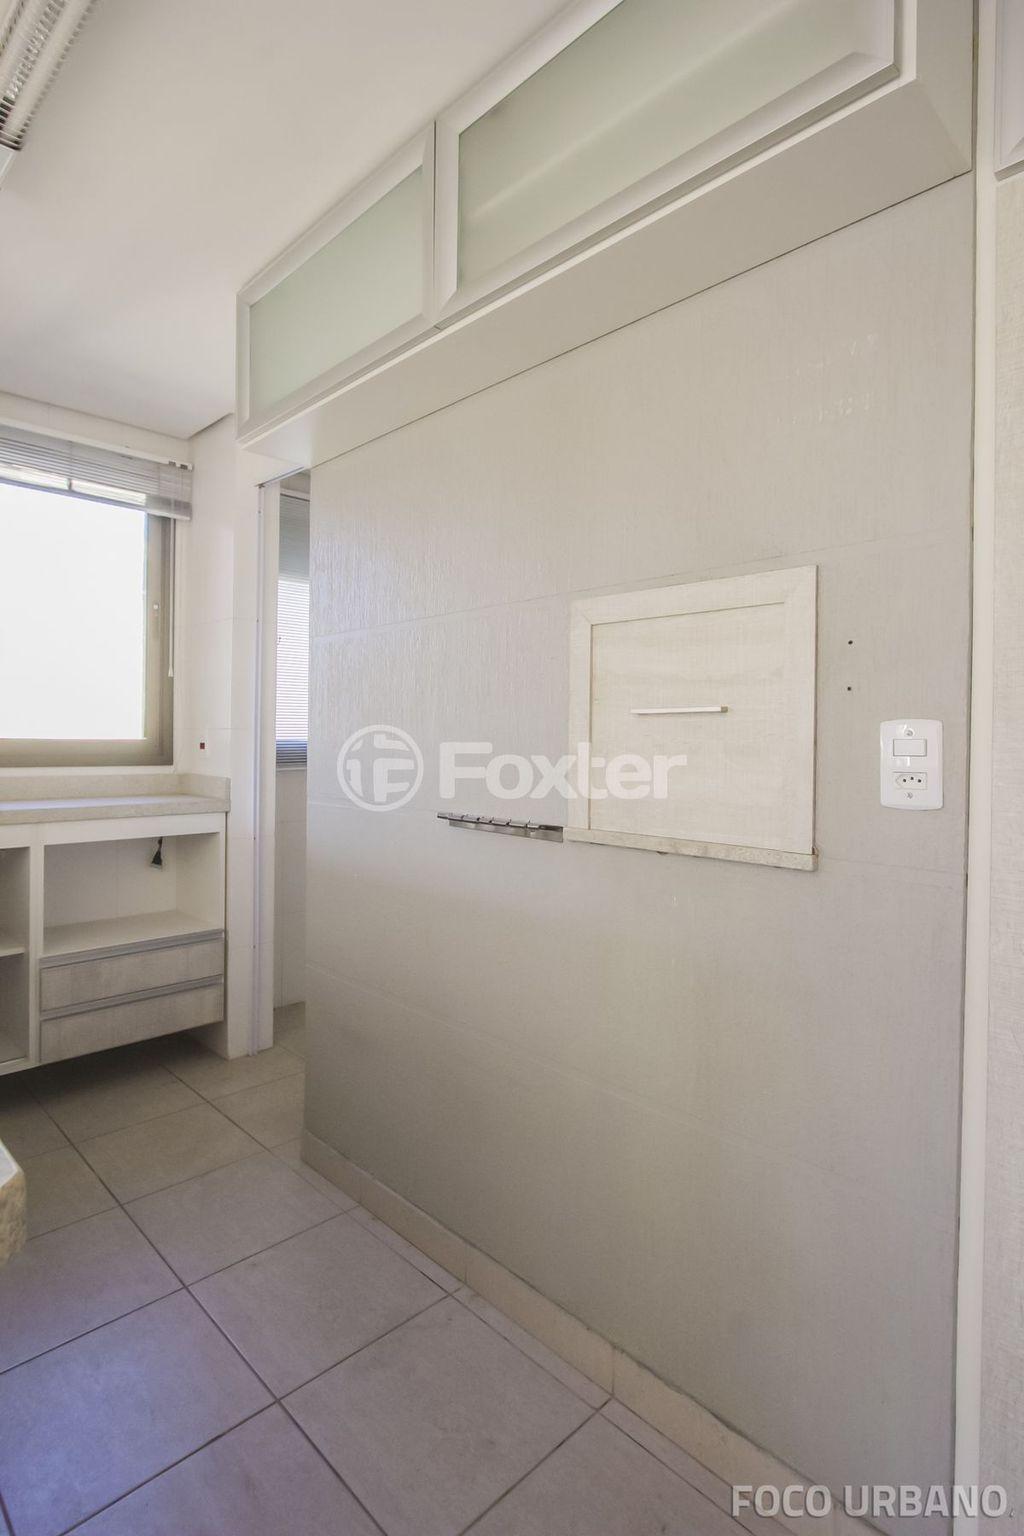 Foxter Imobiliária - Apto 2 Dorm, Petrópolis - Foto 15